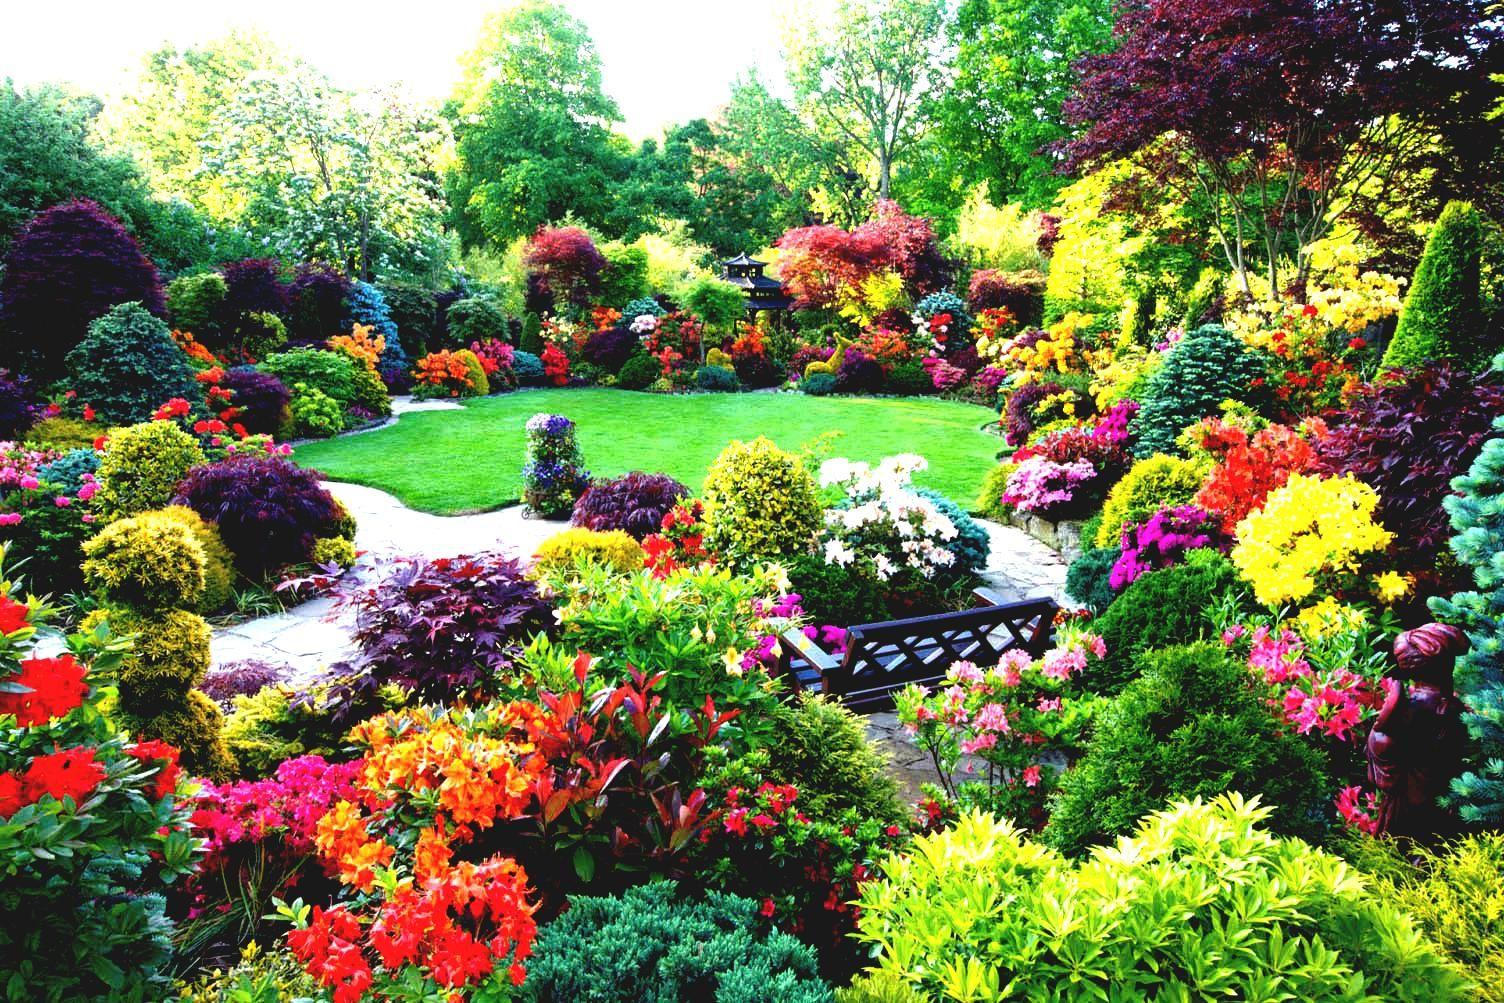 Beautiful home flower gardens wallpaper desktop wallpapers